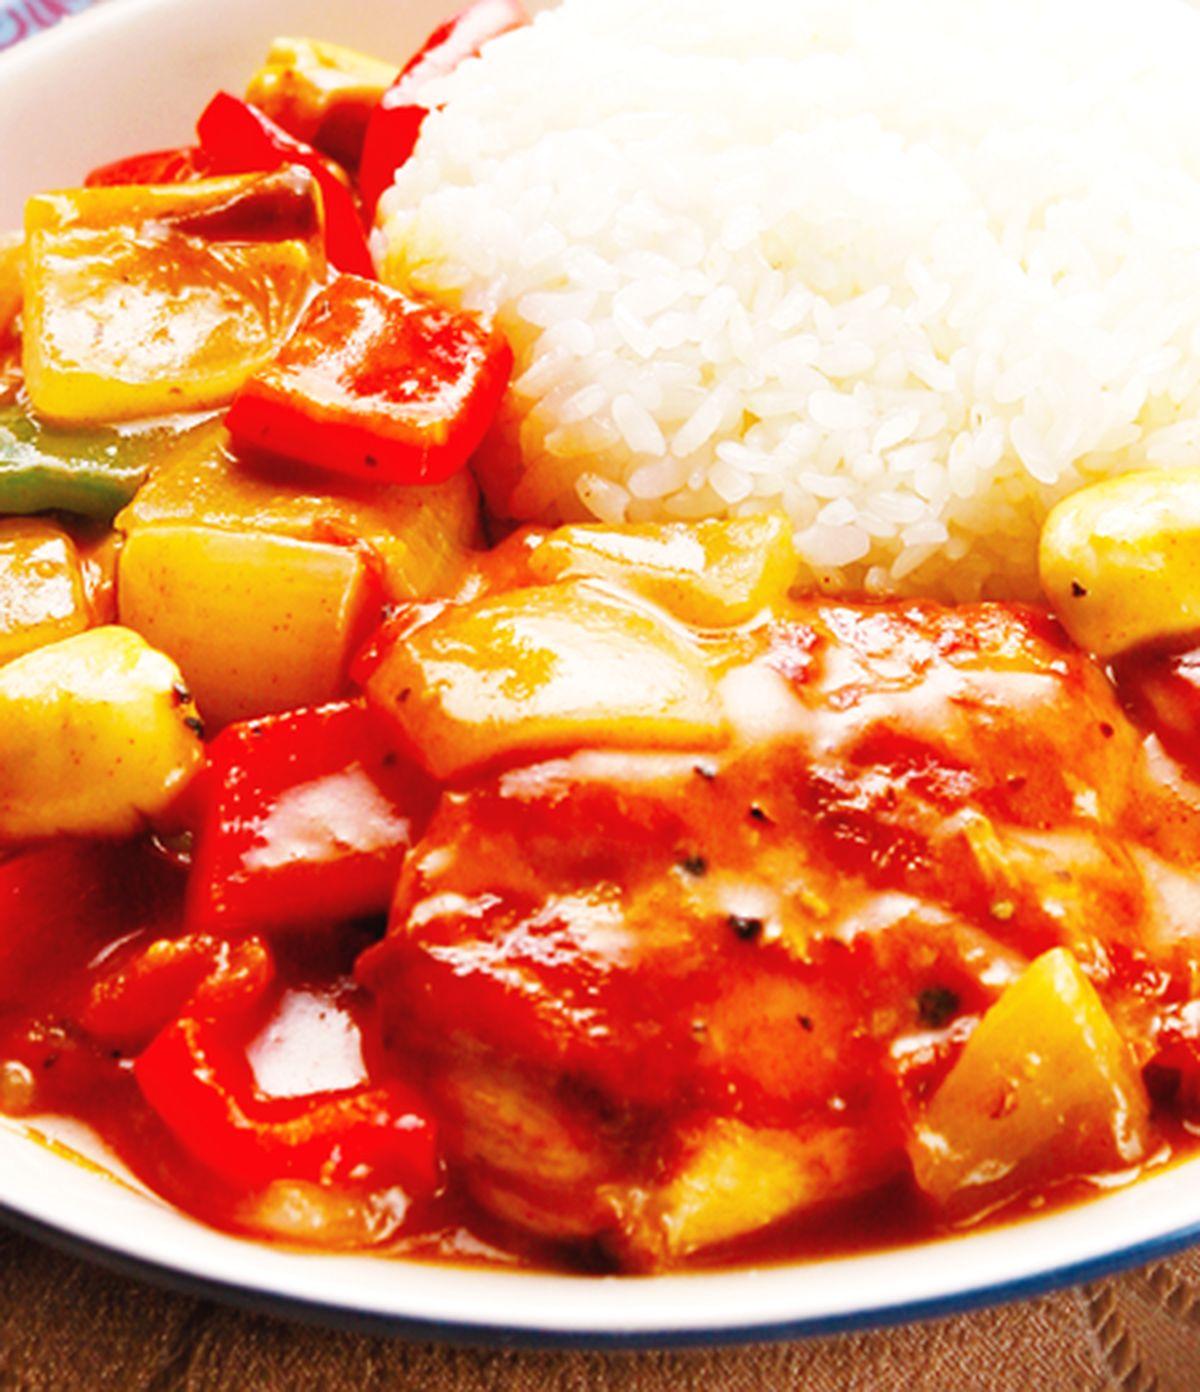 食譜:蒜香雞排燴飯